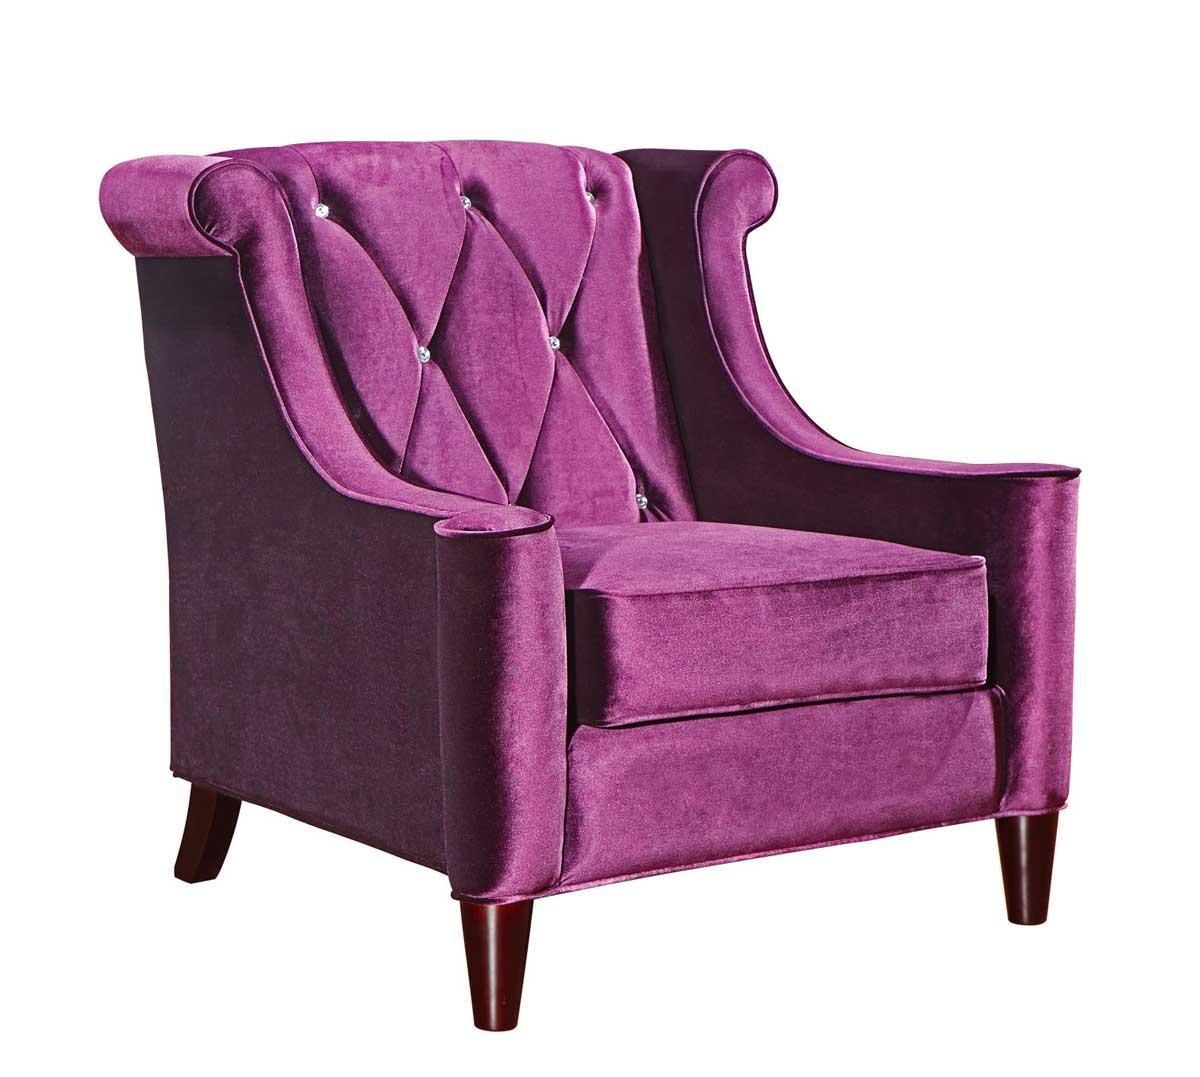 Armen Living Barrister Velvet Sofa Set – Purple Al Lc844Purple For Barrister Velvet Sofas (View 13 of 20)